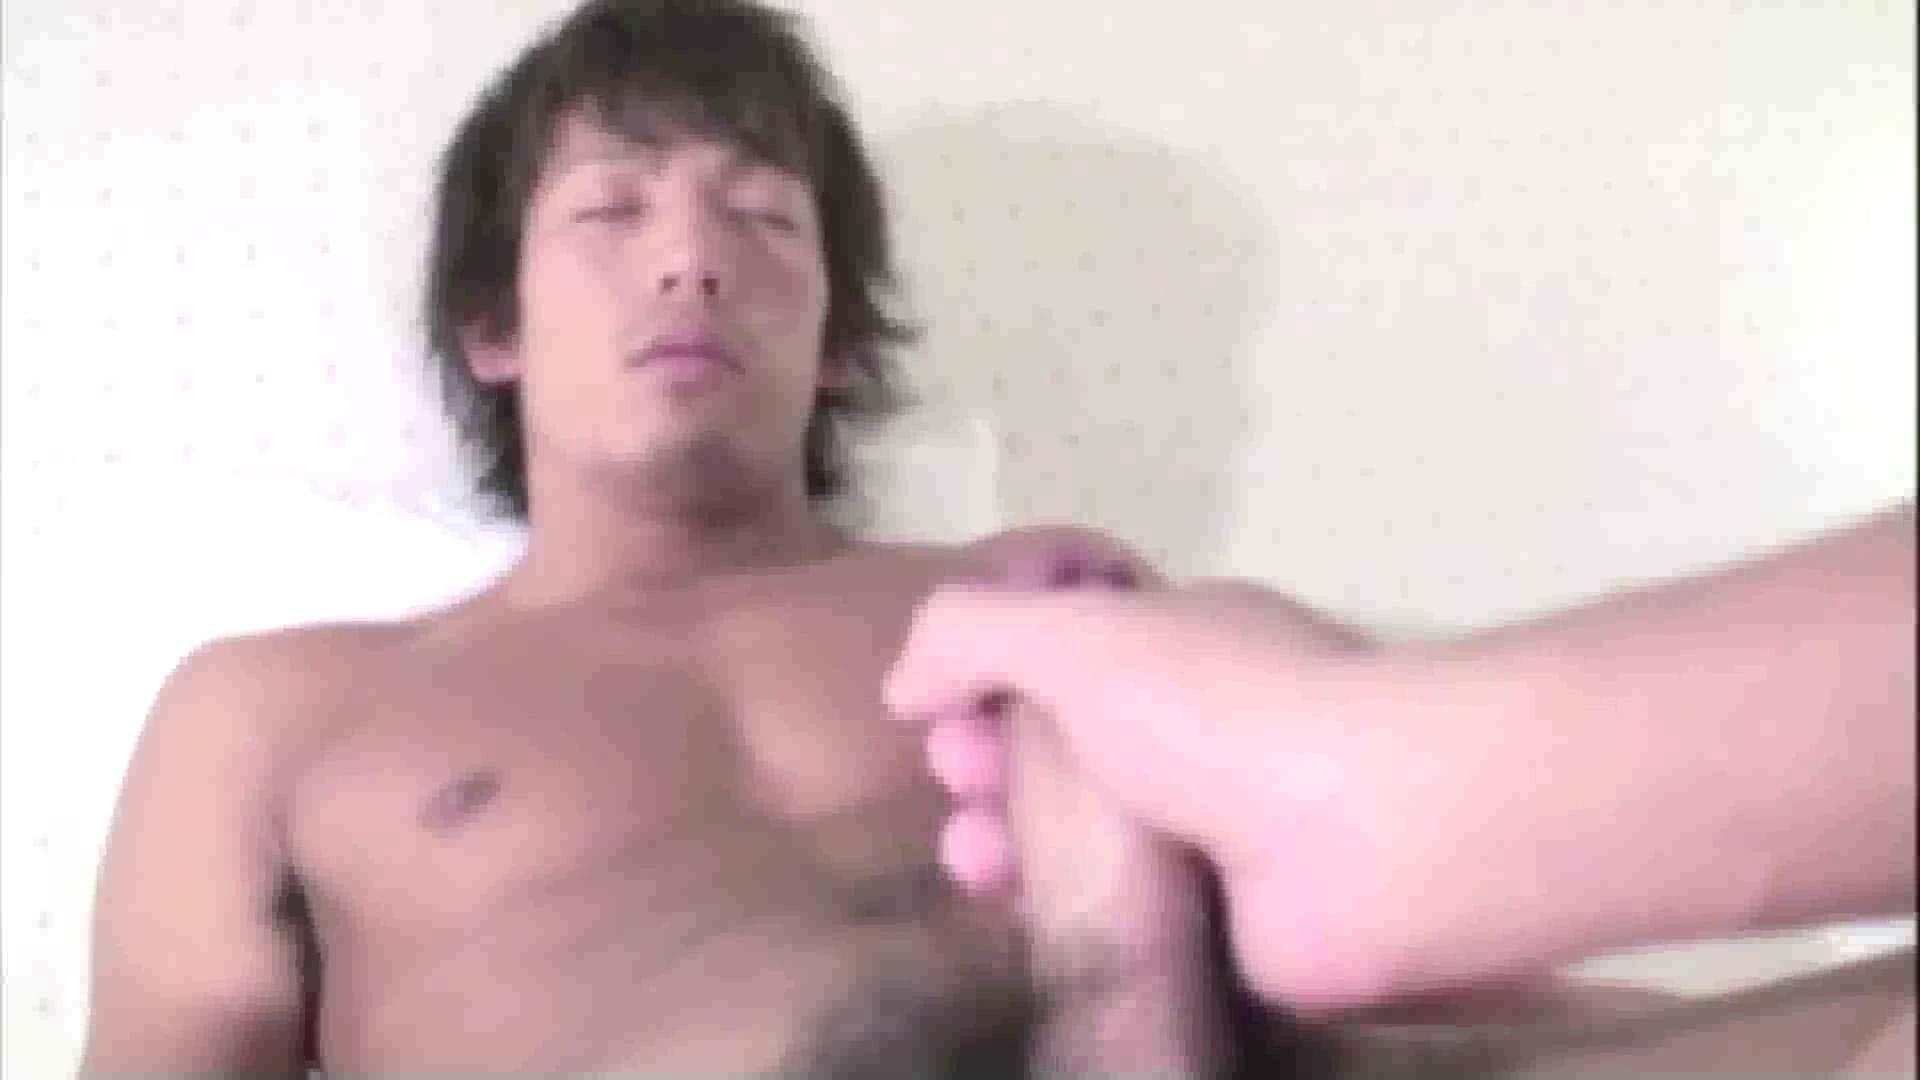 イカせ屋 Vol.05 イケメン特集 尻マンコ画像 11枚 8